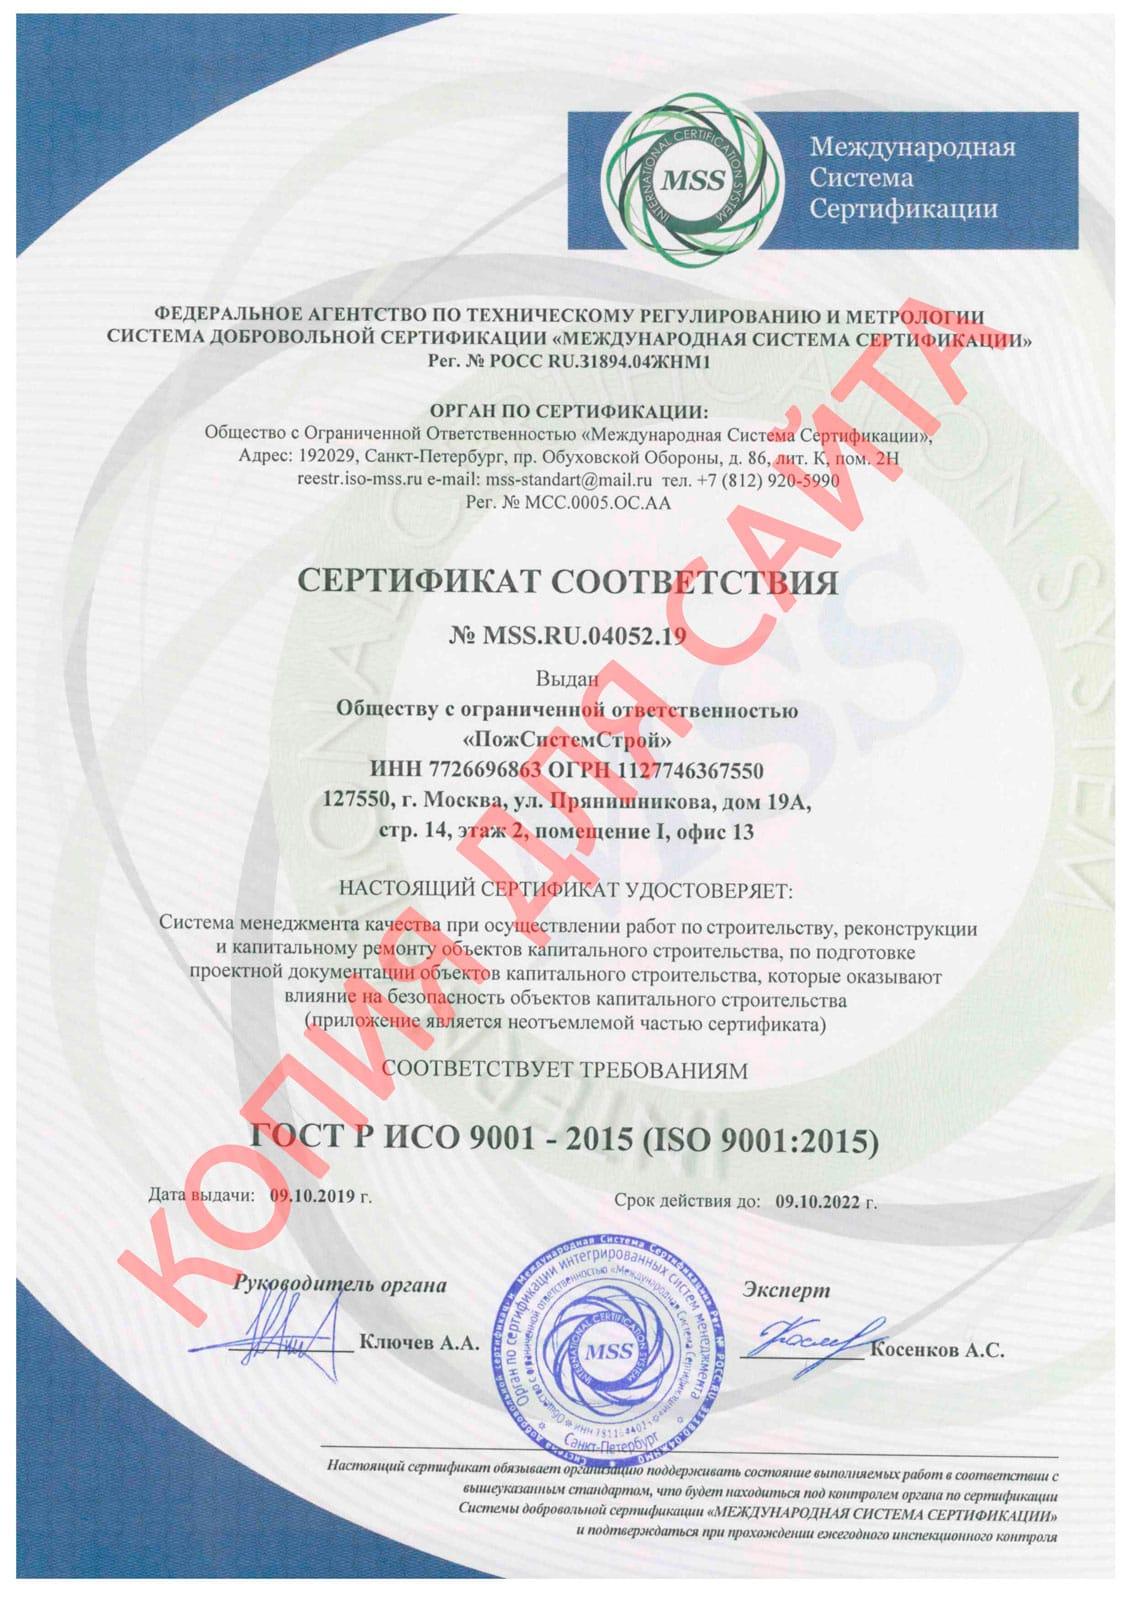 Сертификаты соответствия Часть 1